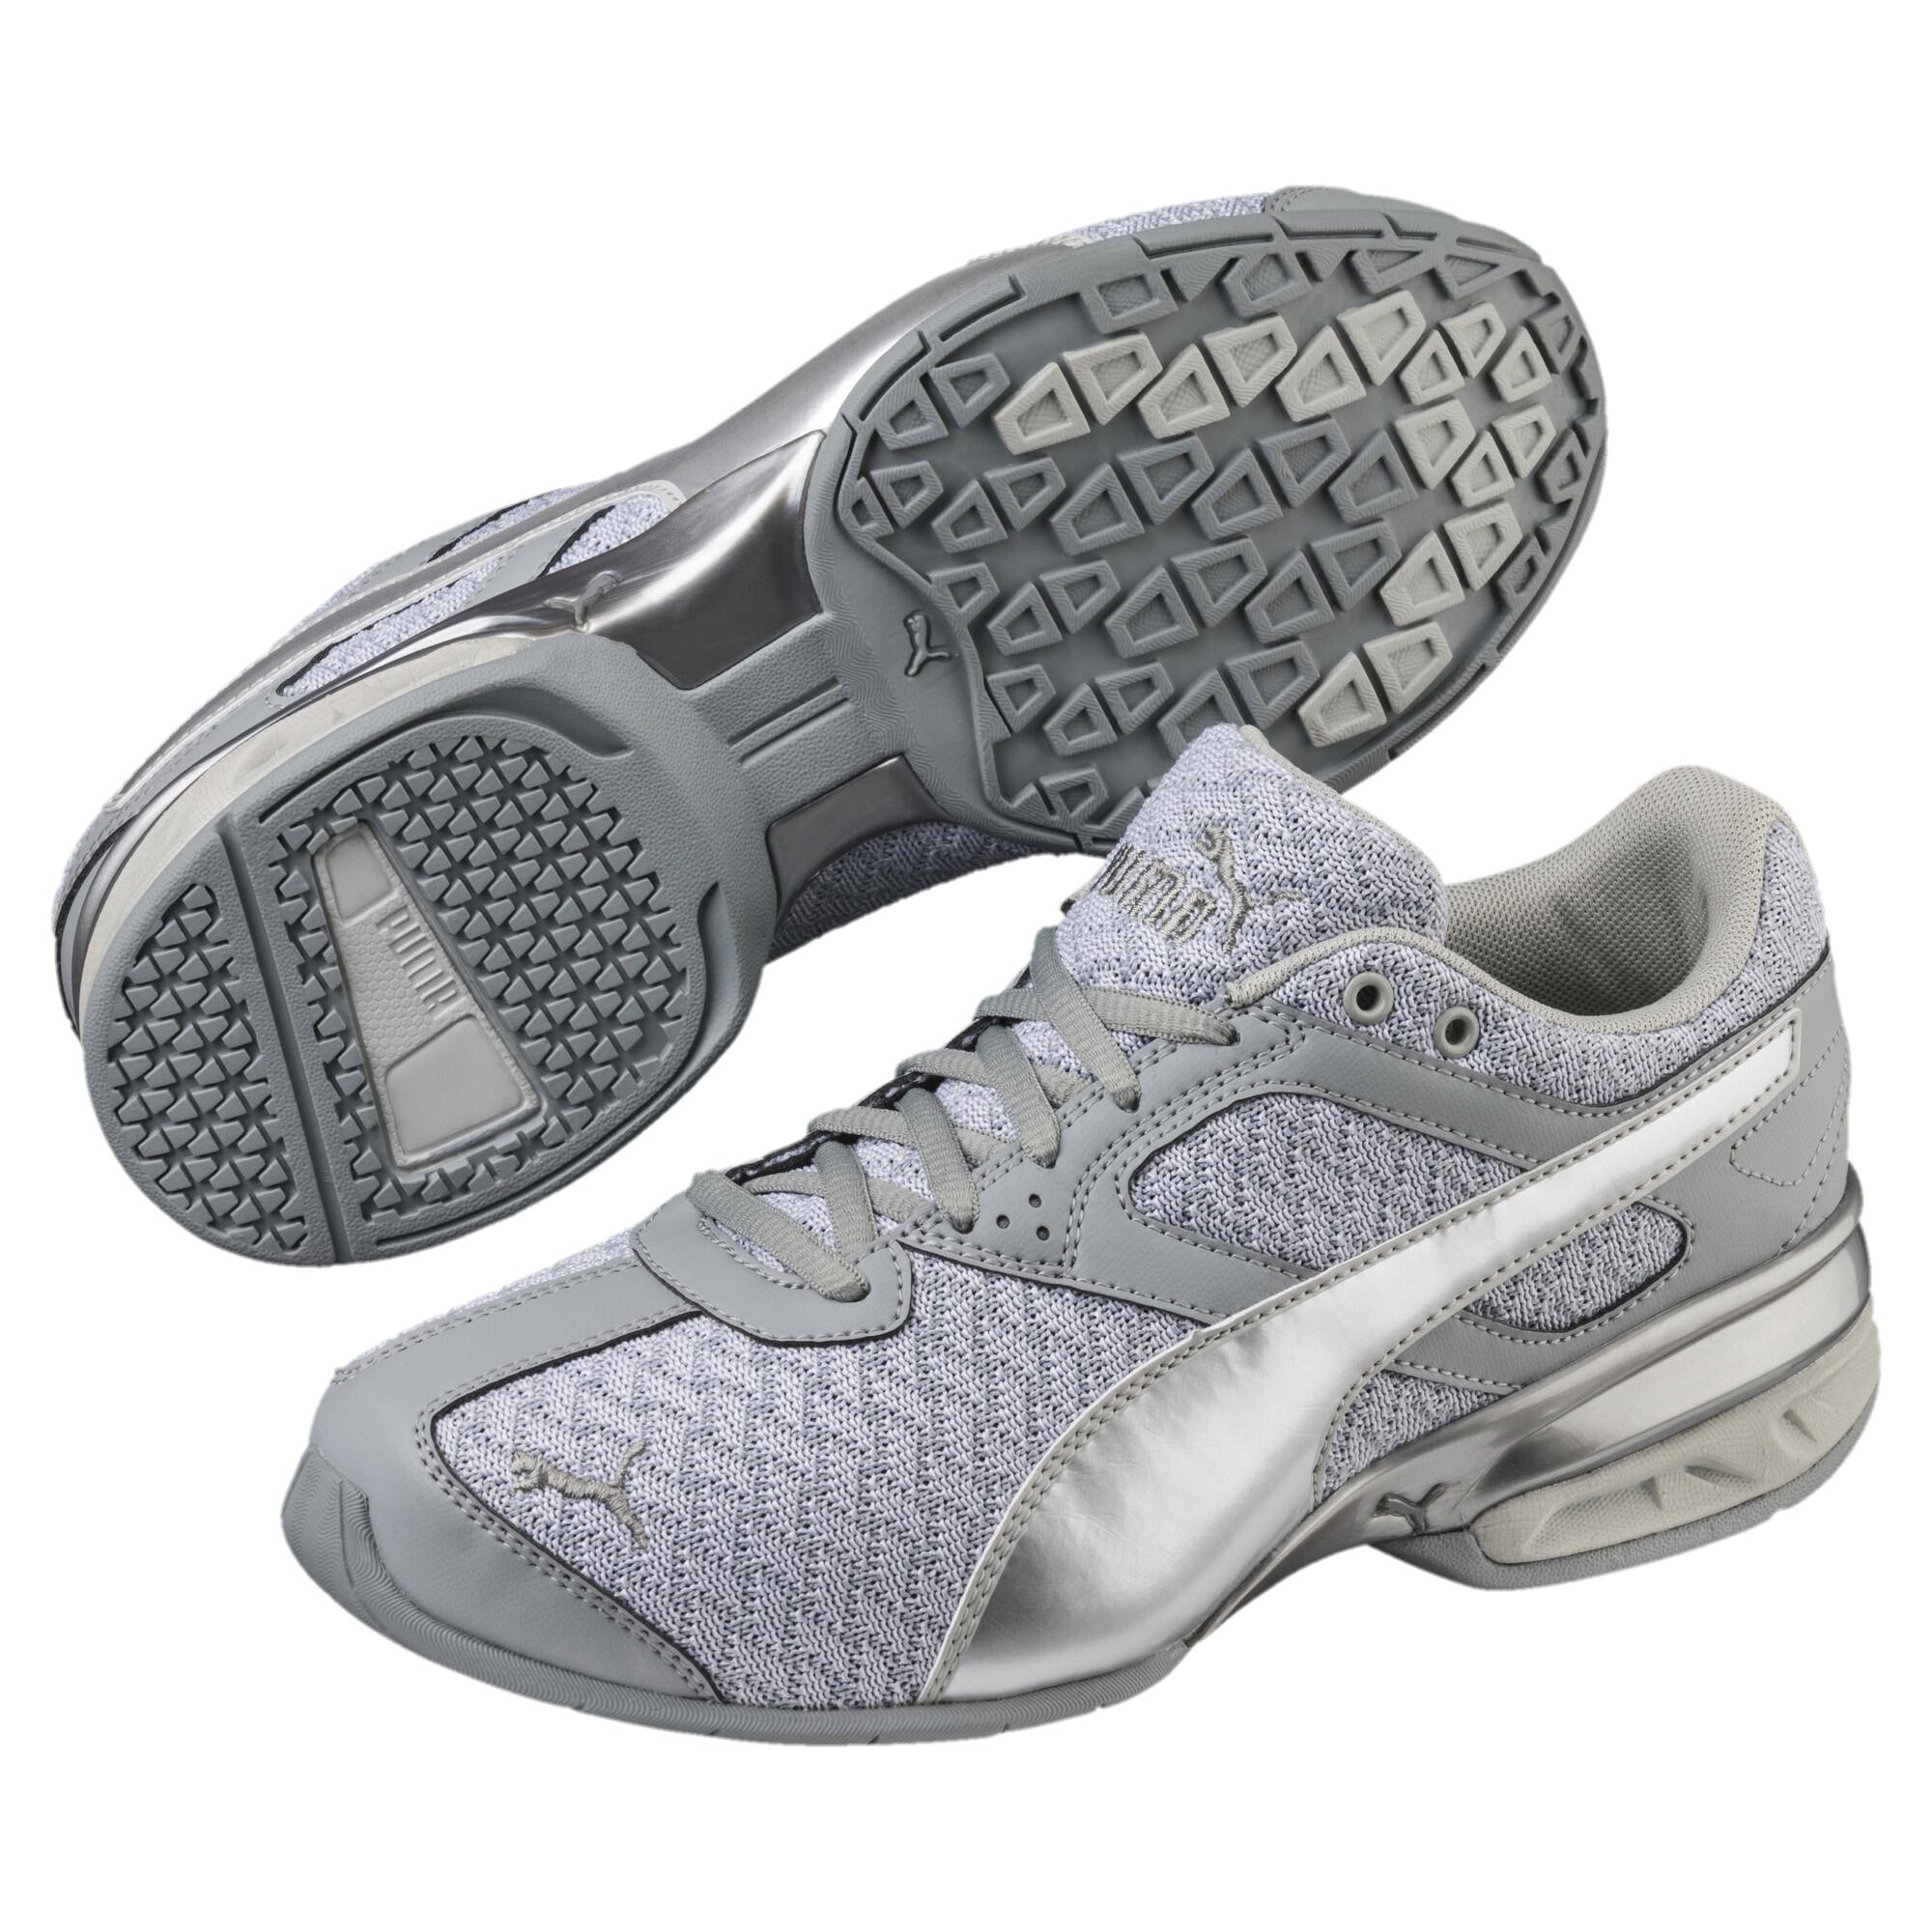 PUMA-Tazon-6-Luxe-Women-039-s-Sneakers-Women-Shoe-Running thumbnail 6